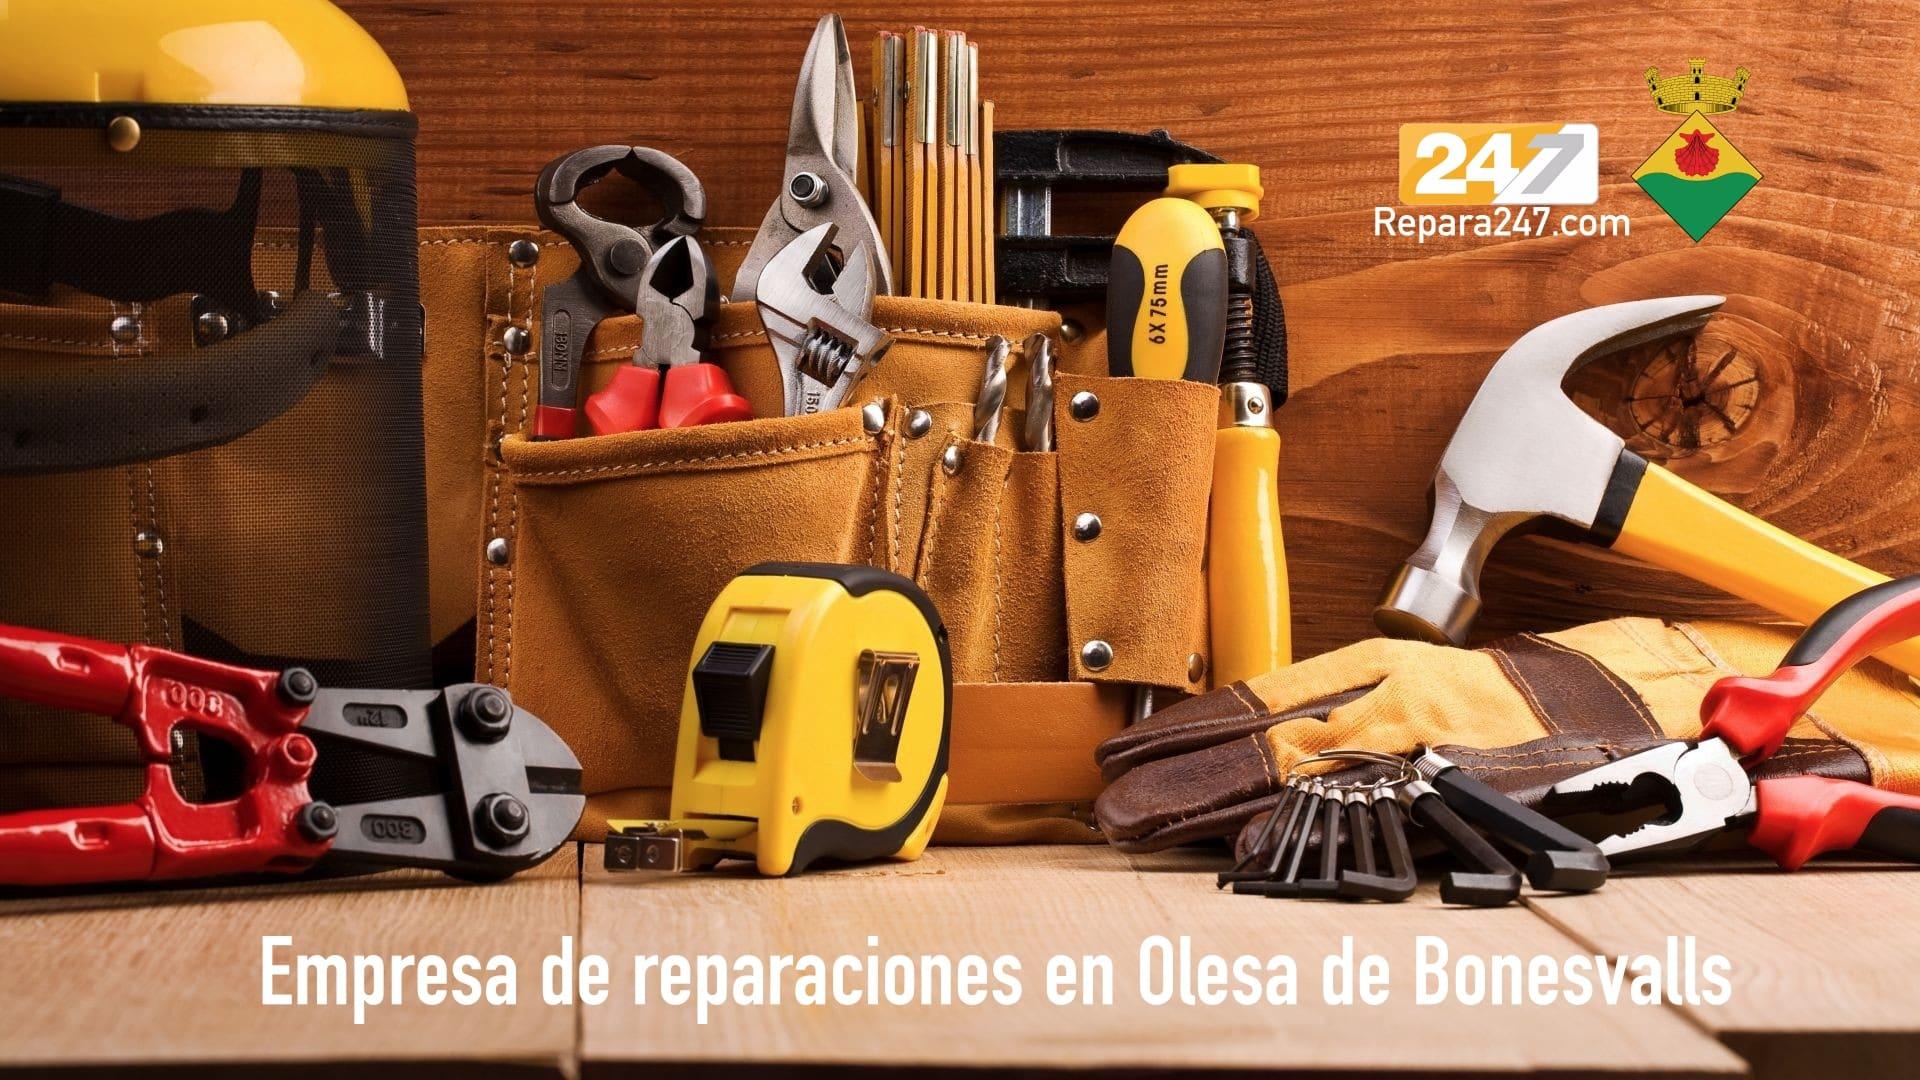 Empresa de reparaciones en Olesa de Bonesvalls